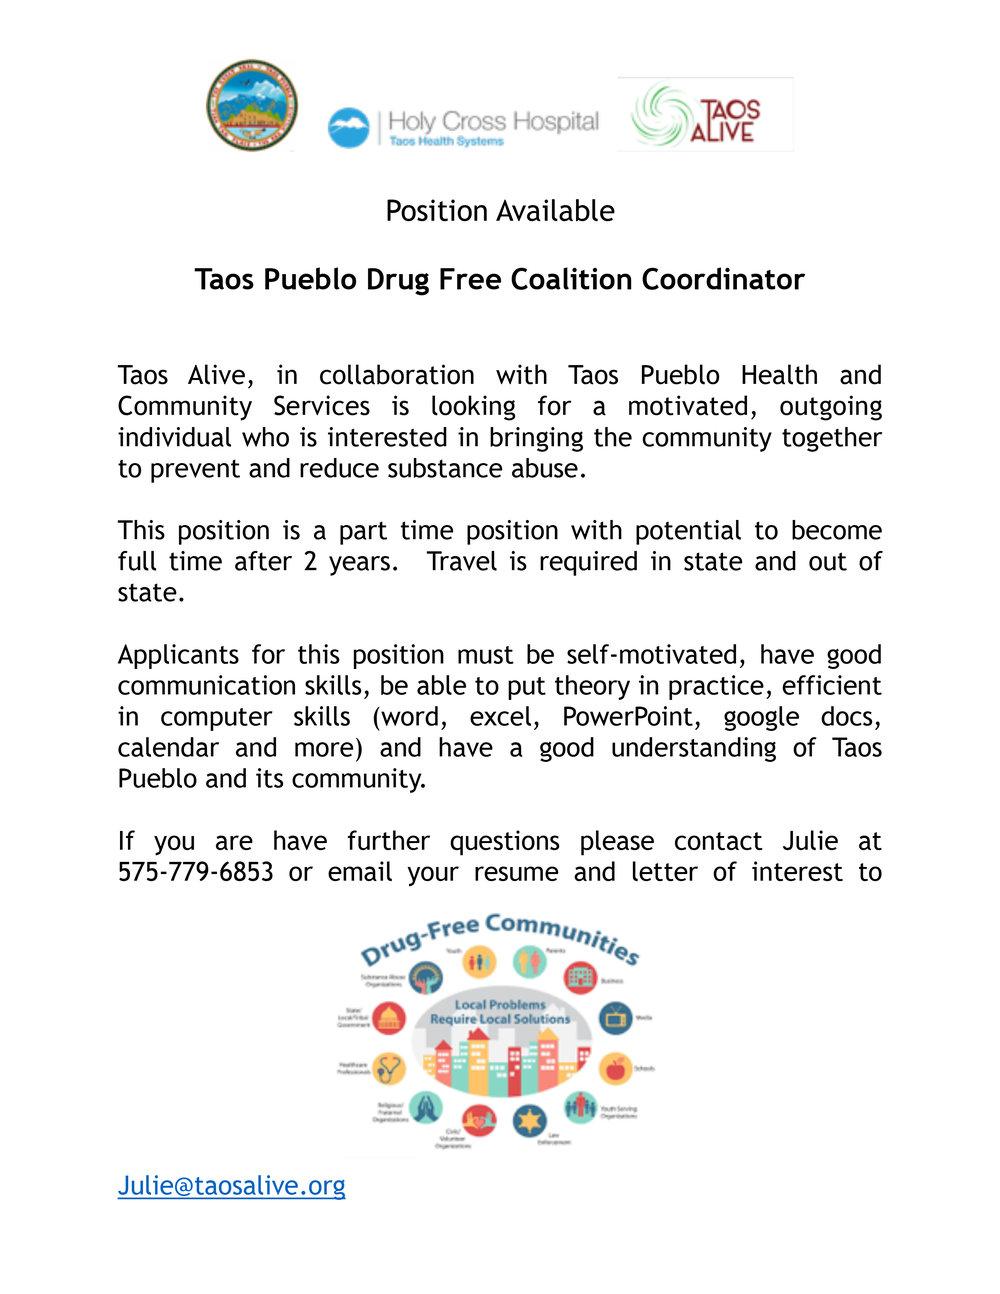 Taos Pueblo Drug Free Coalition Coordinator 2-1.jpg